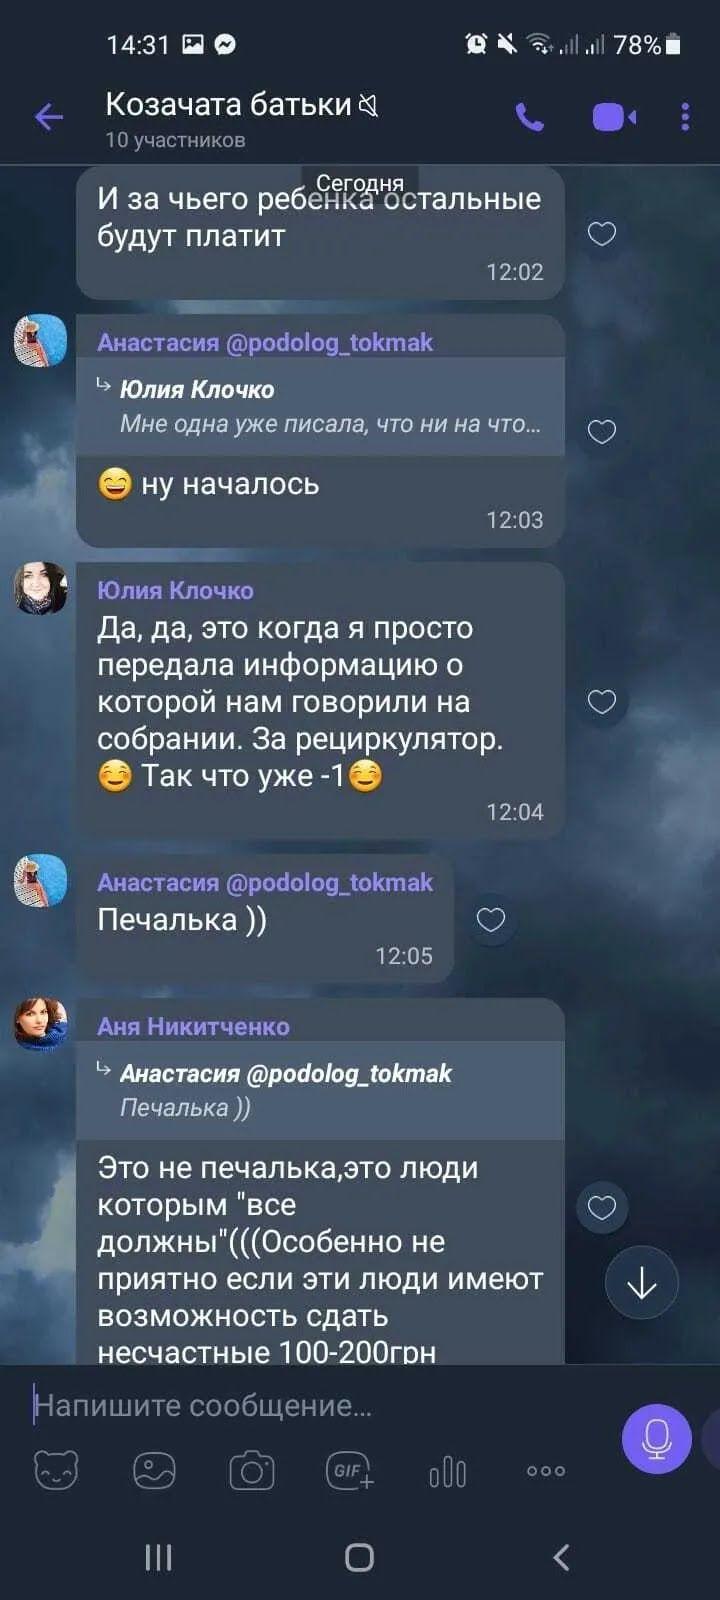 Никитченко уверена, что те, кто не хочет сдавать деньги - считают, что им все должны